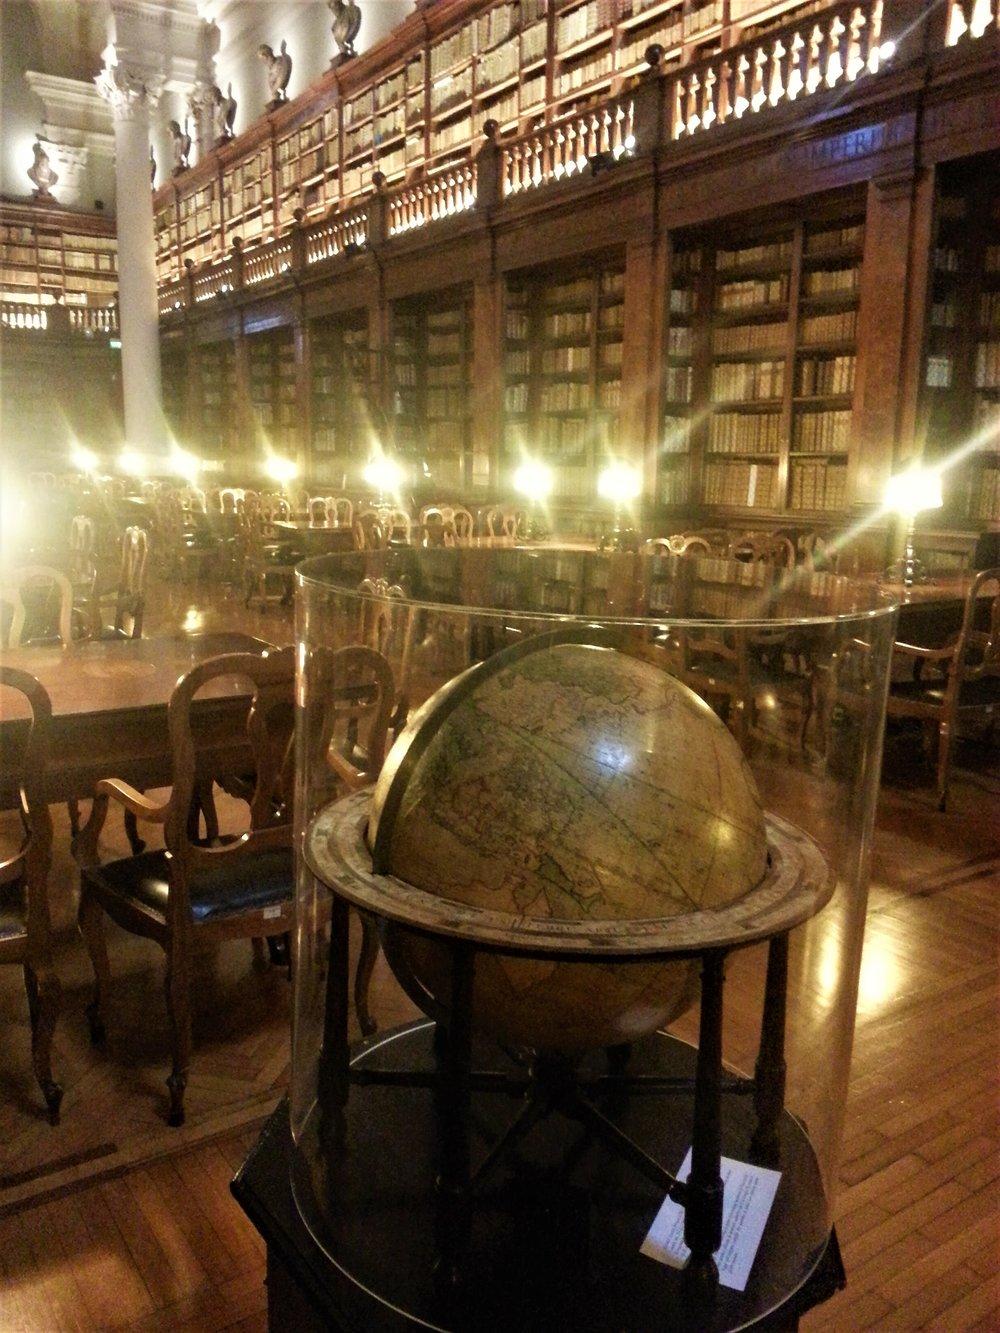 Italy-Bologna-University-Library.jpg